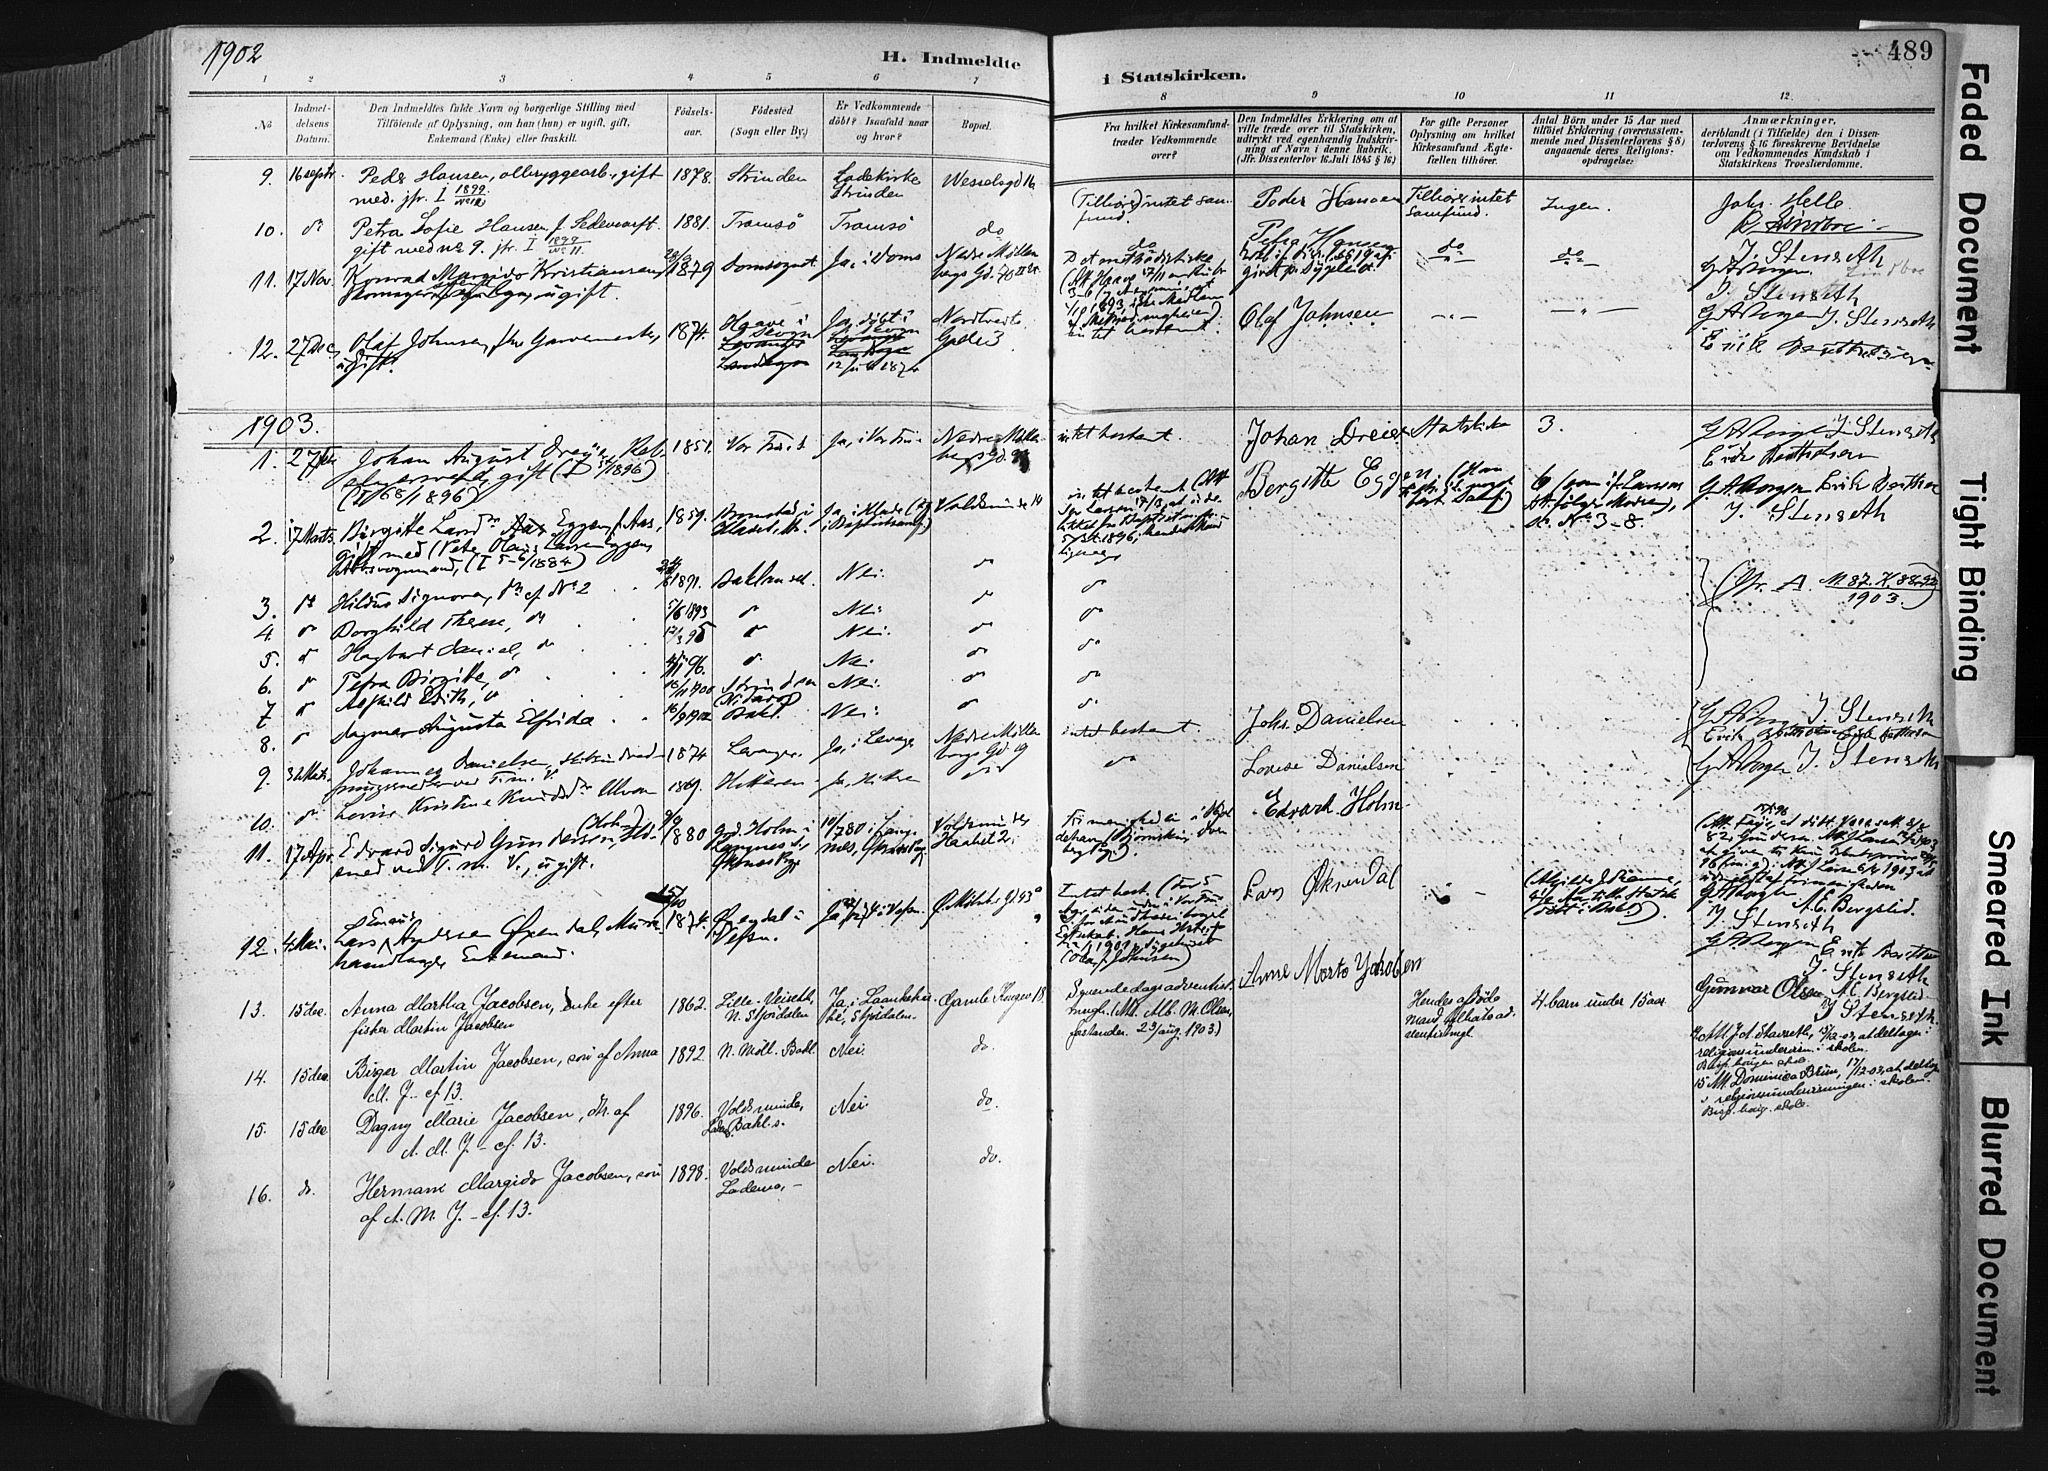 SAT, Ministerialprotokoller, klokkerbøker og fødselsregistre - Sør-Trøndelag, 604/L0201: Ministerialbok nr. 604A21, 1901-1911, s. 489